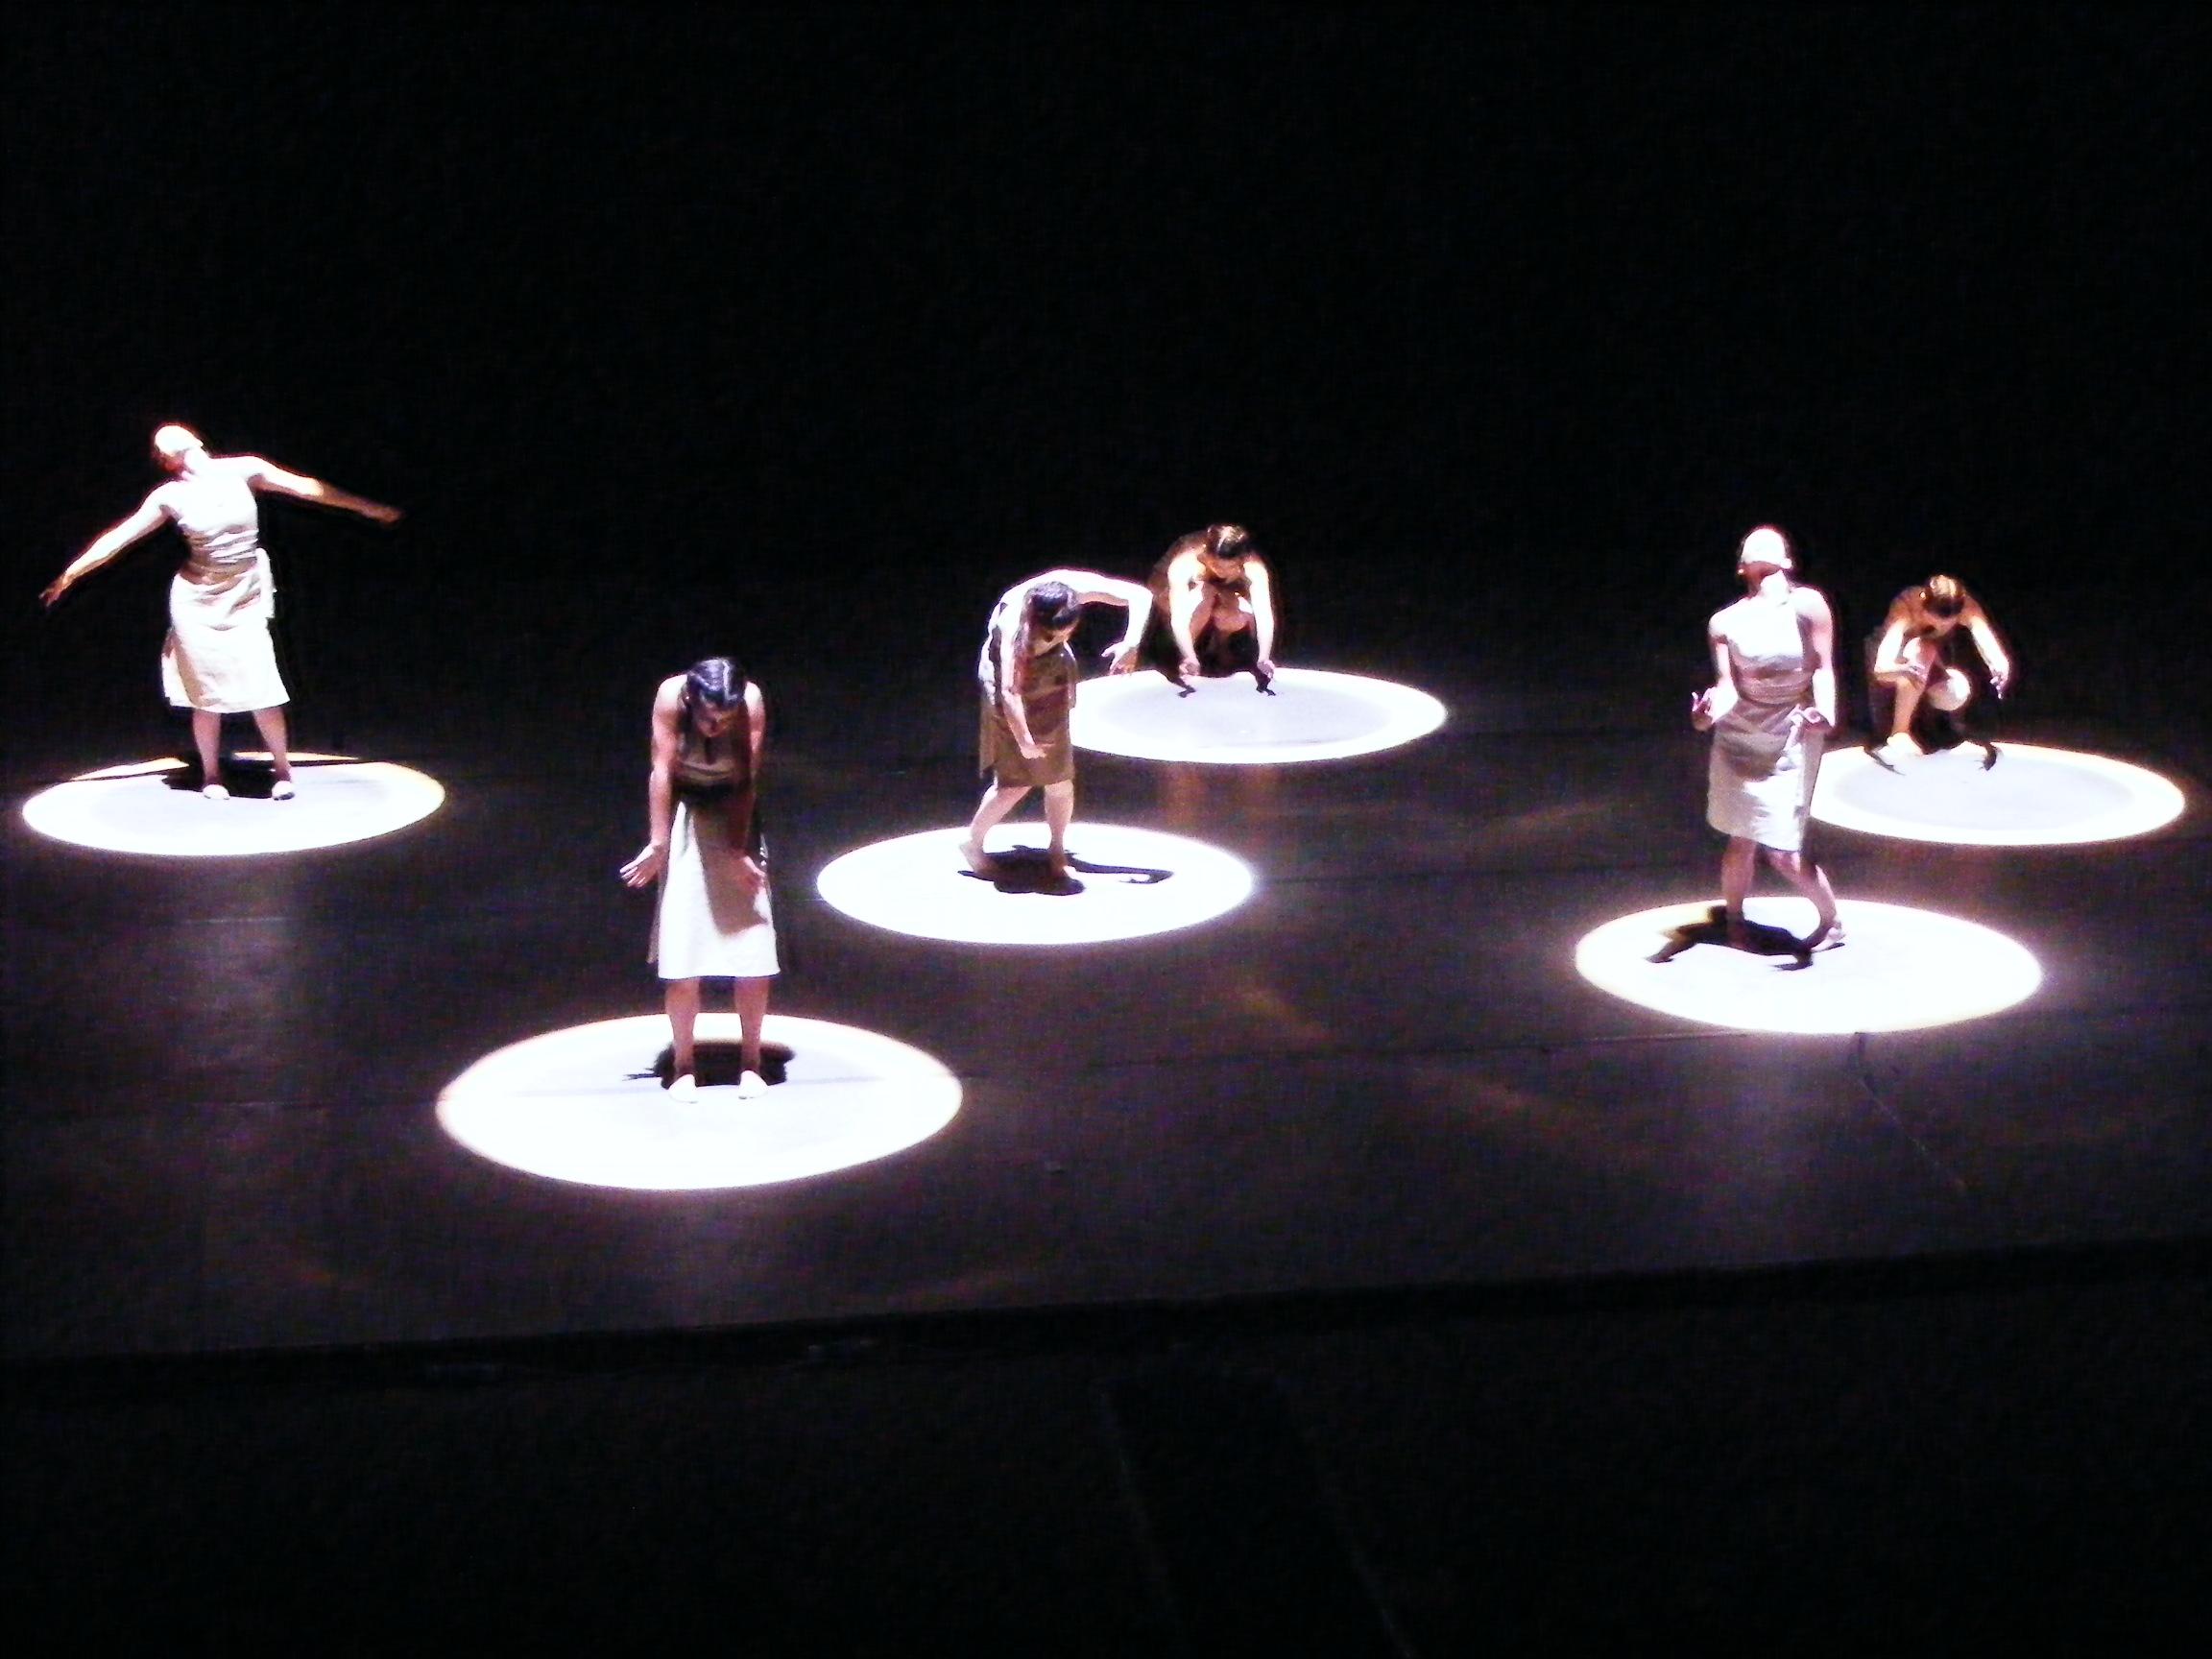 Cia. Danza Contemporanea Arcis